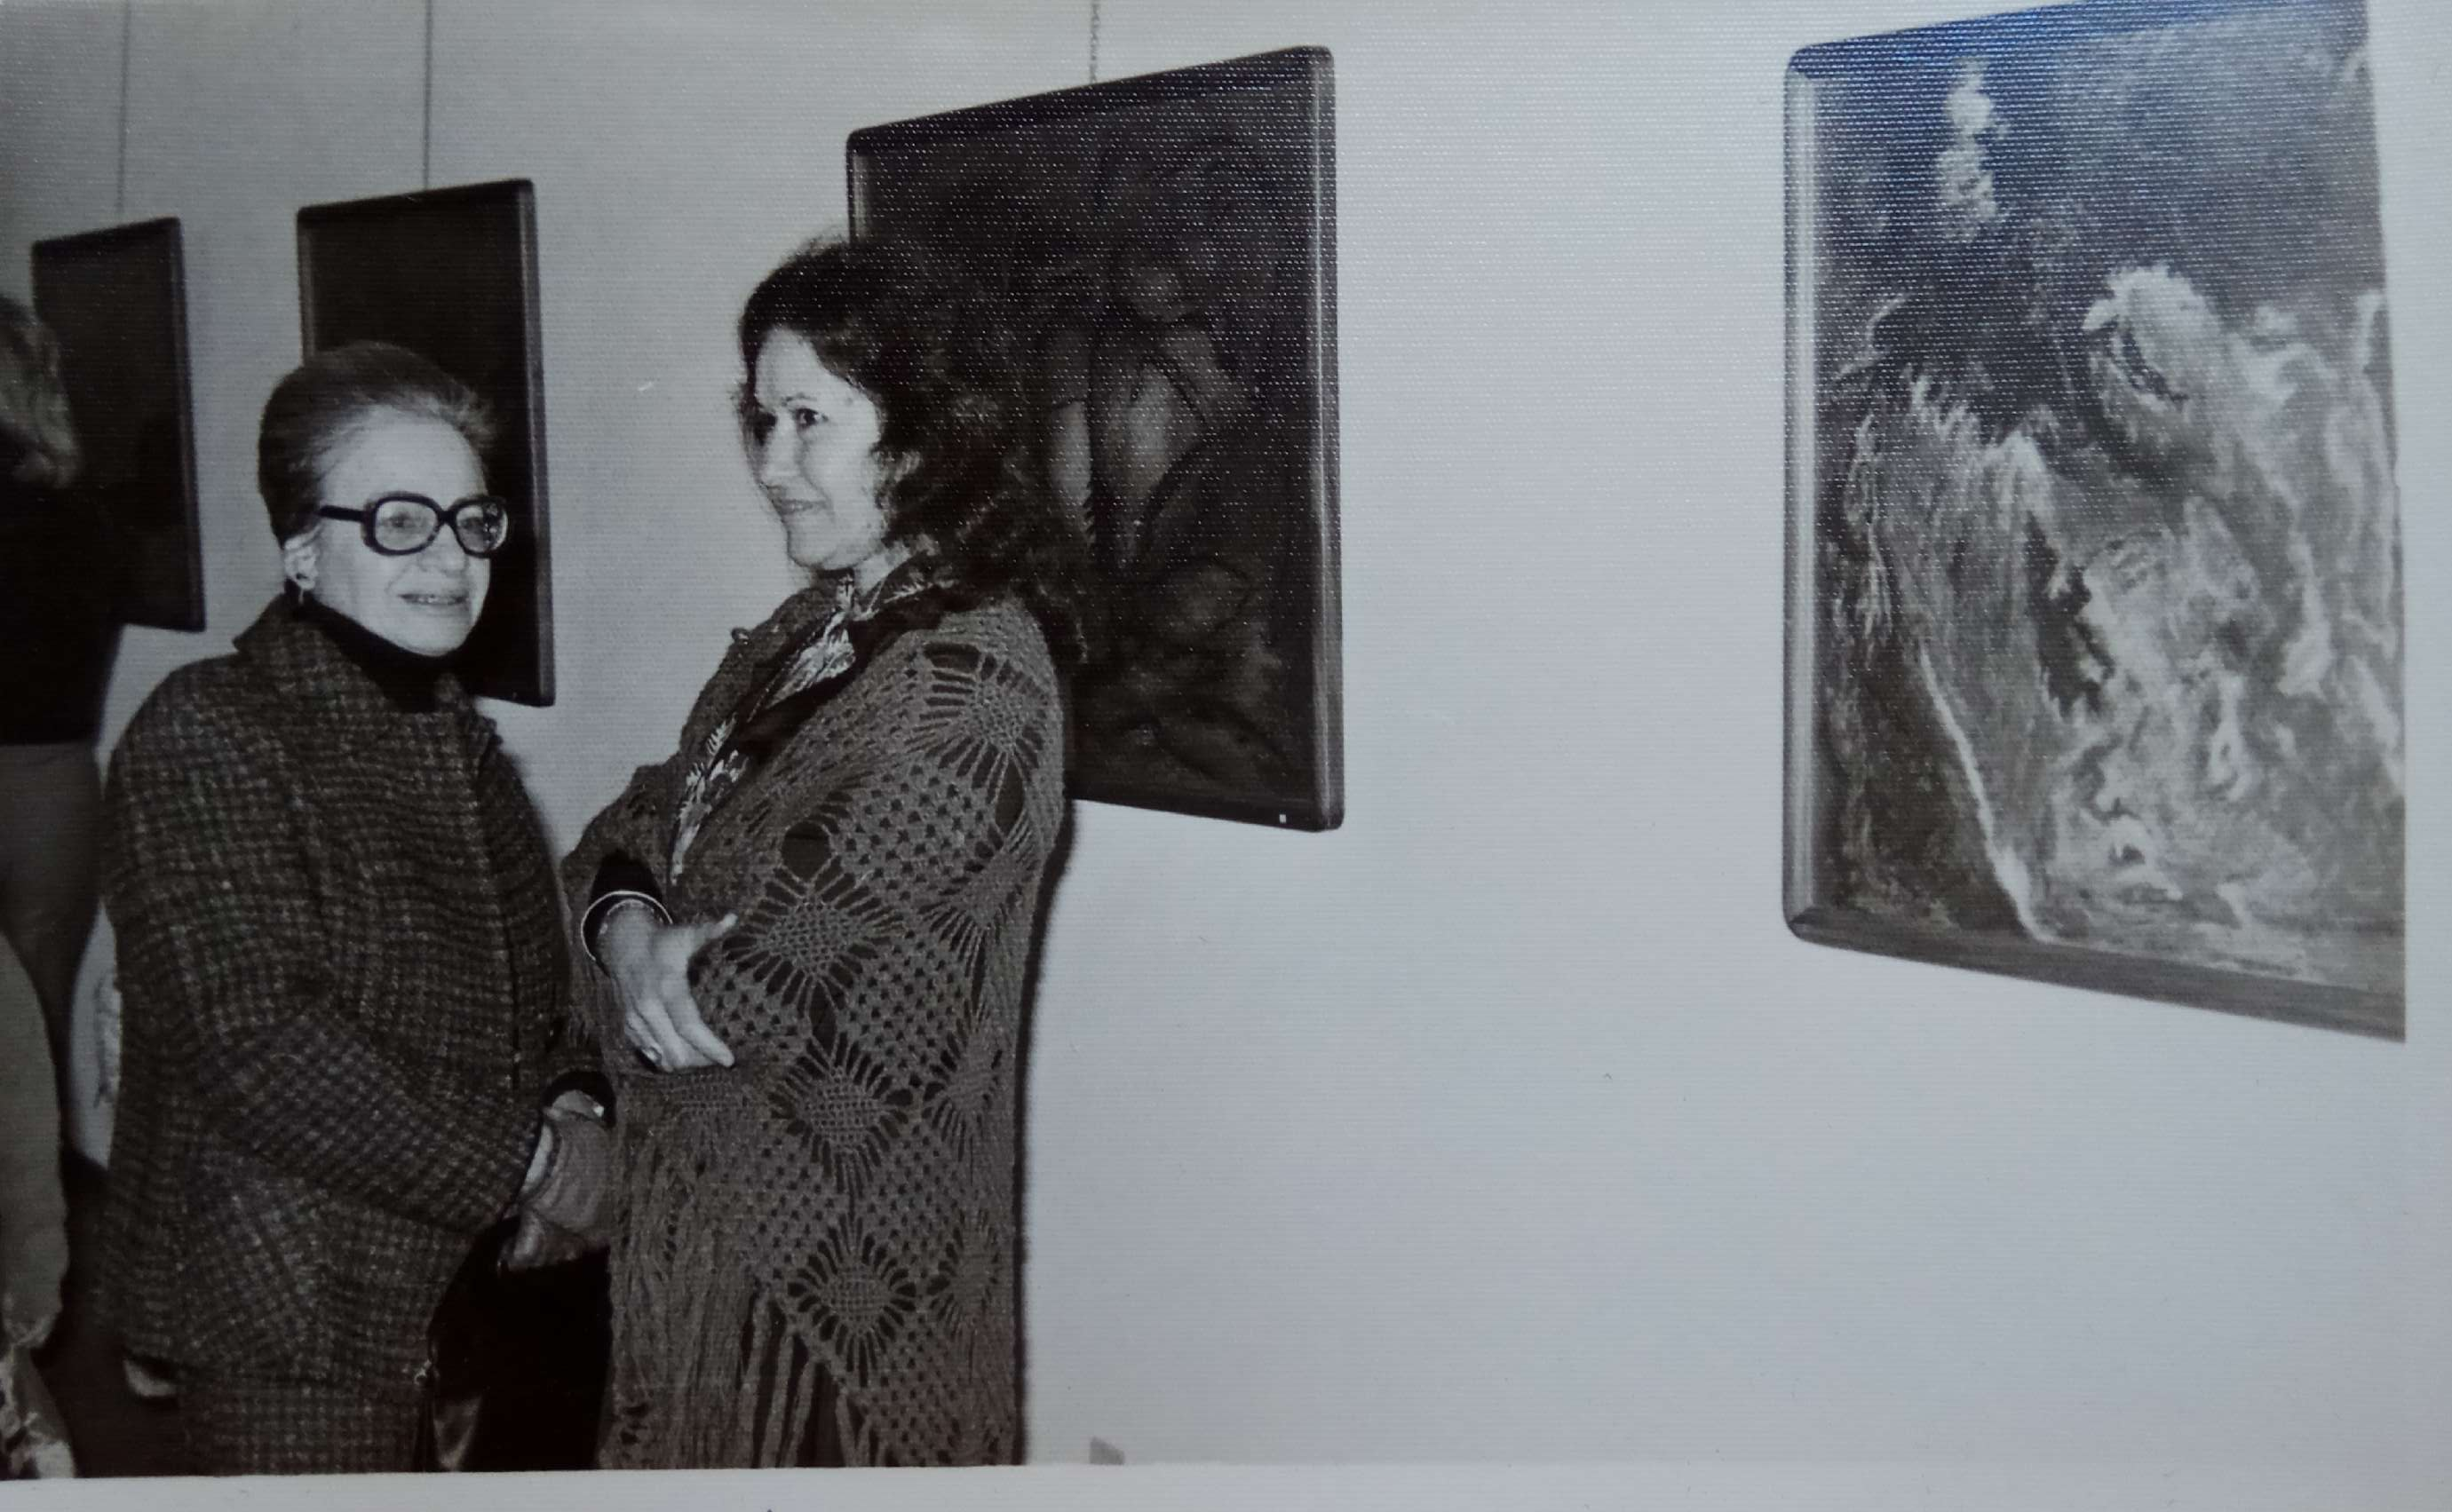 גלריה צ'מרינסקי אאידה מלמן